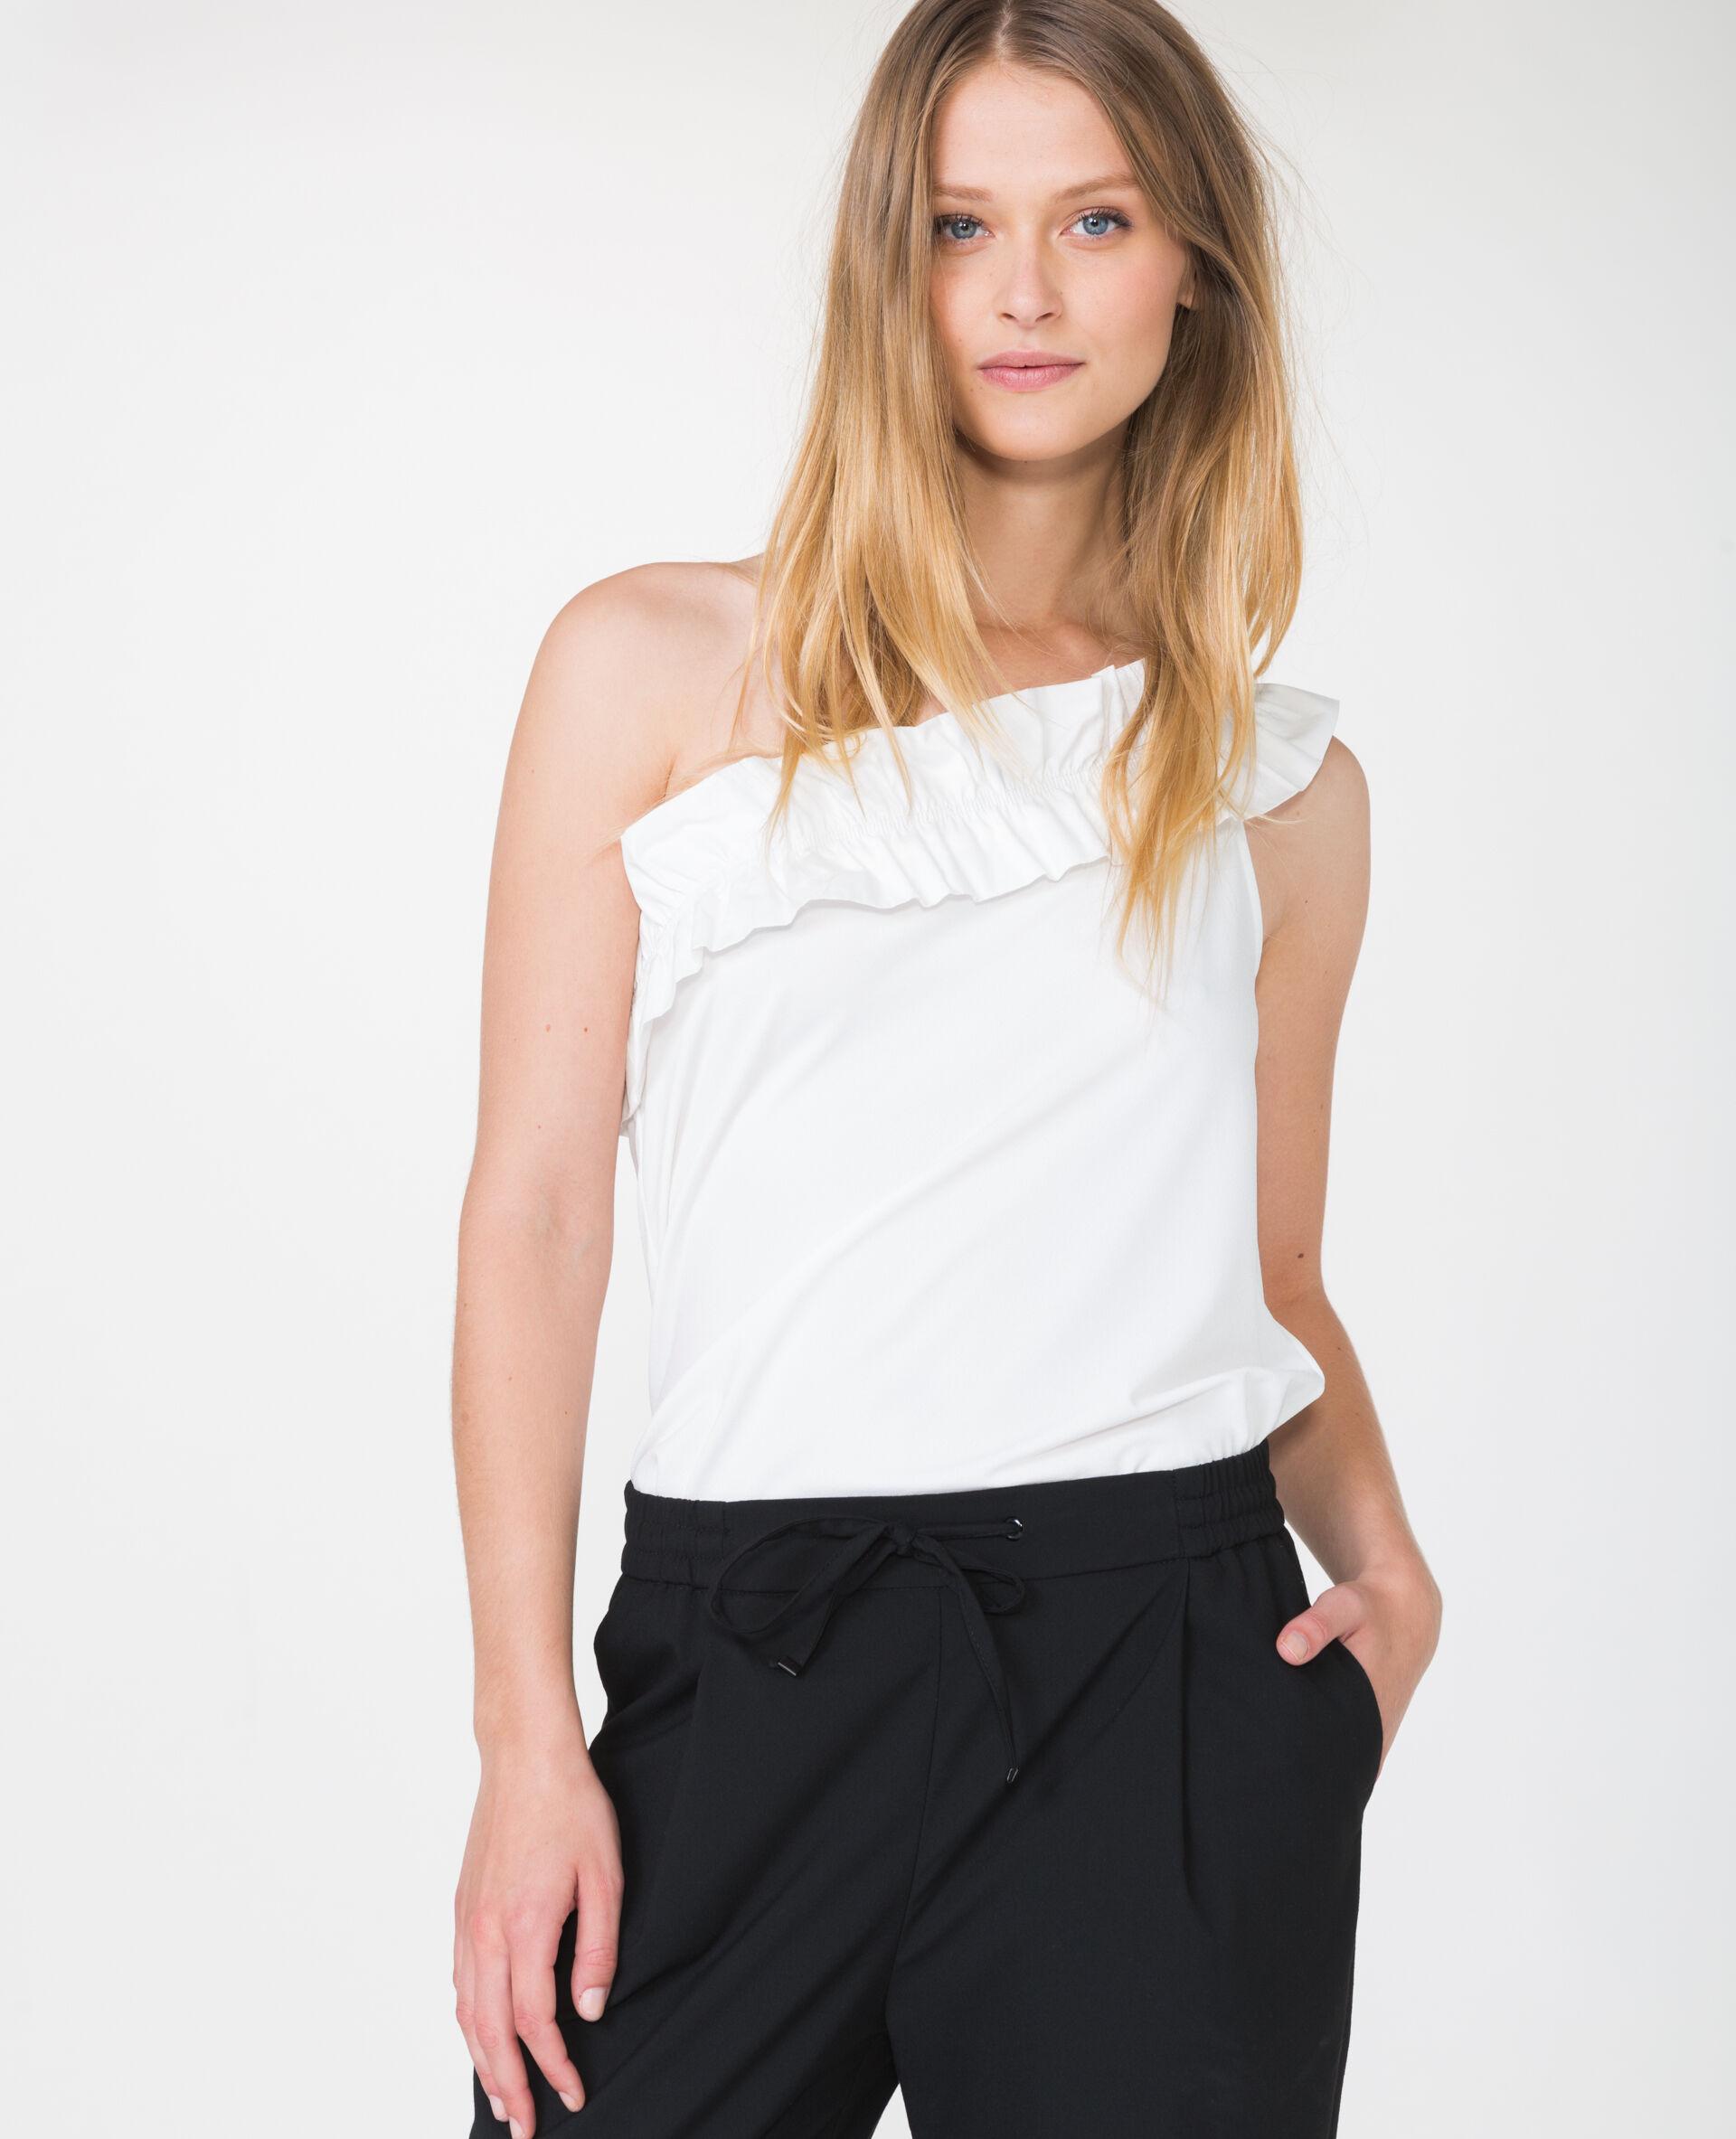 Top asymétrique Femme -40% - Couleur blanc cassé - Taille M - PIMKIE - Soldes Hiver 2018